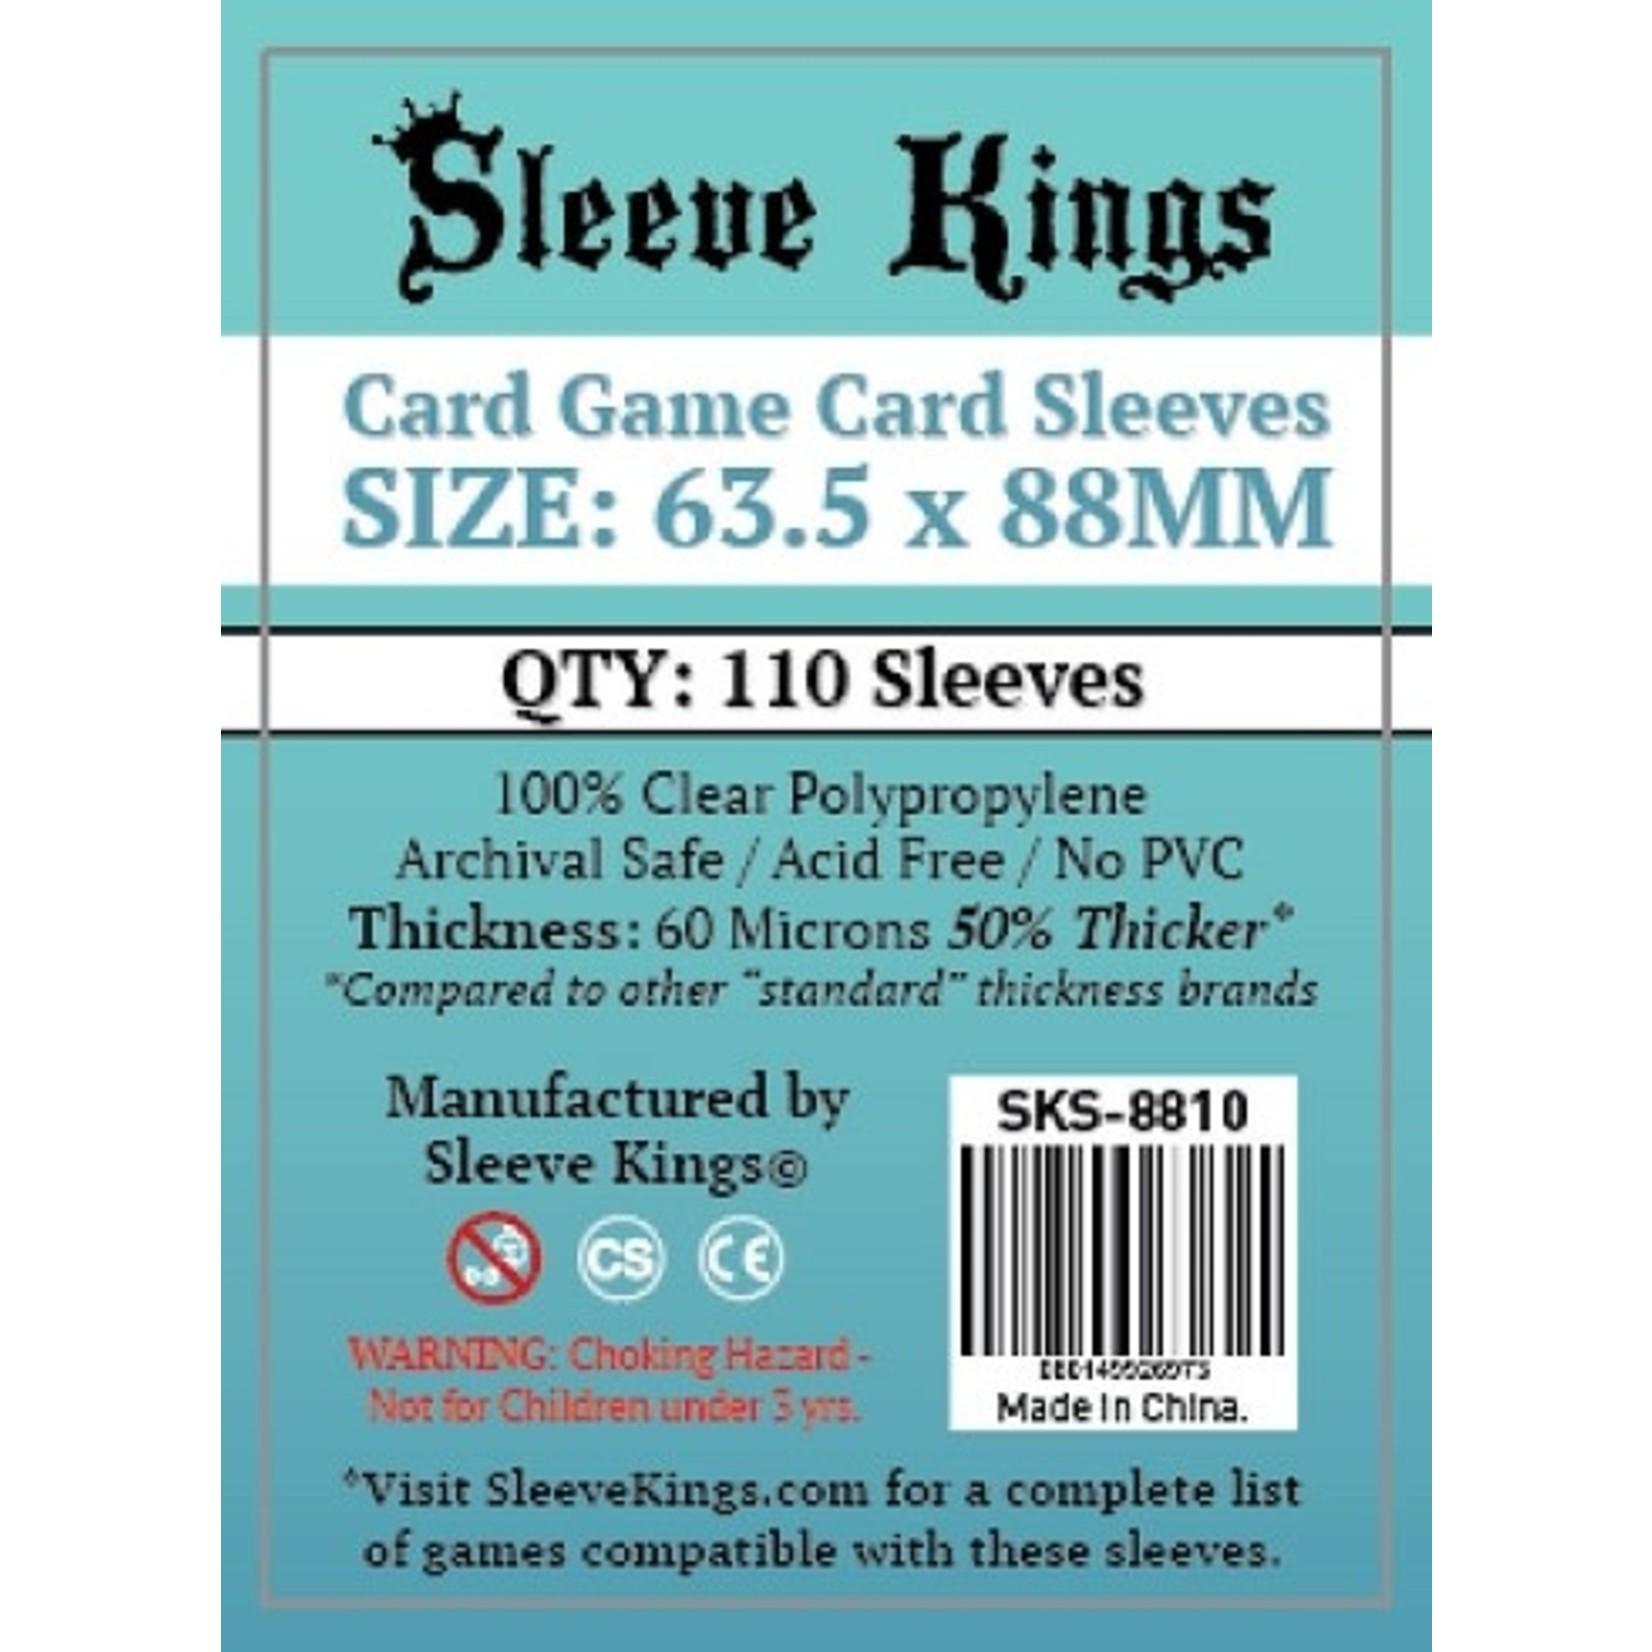 Sleeve Kings Sleeve Kings 63.5 x 88 mm